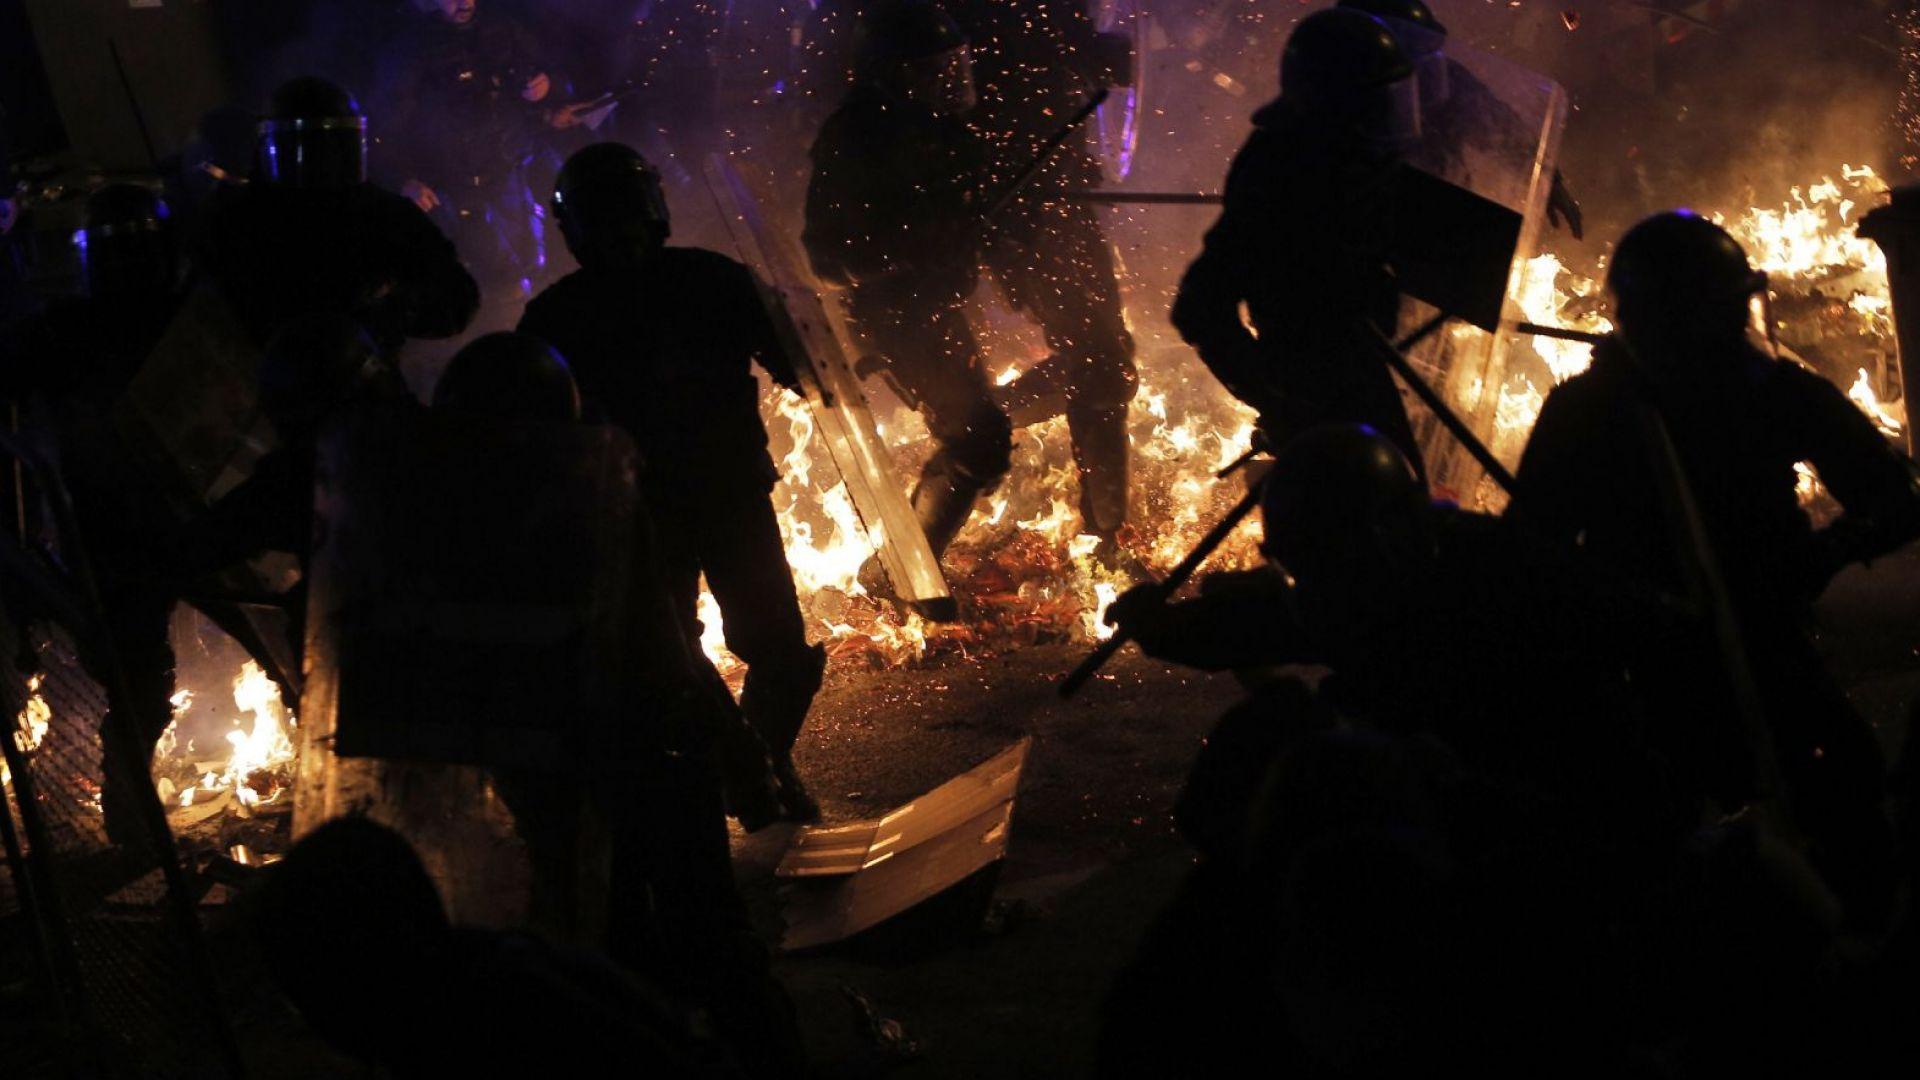 Четирийсет хиляди демонстранти излязоха на улиците Барселона снощи през втория